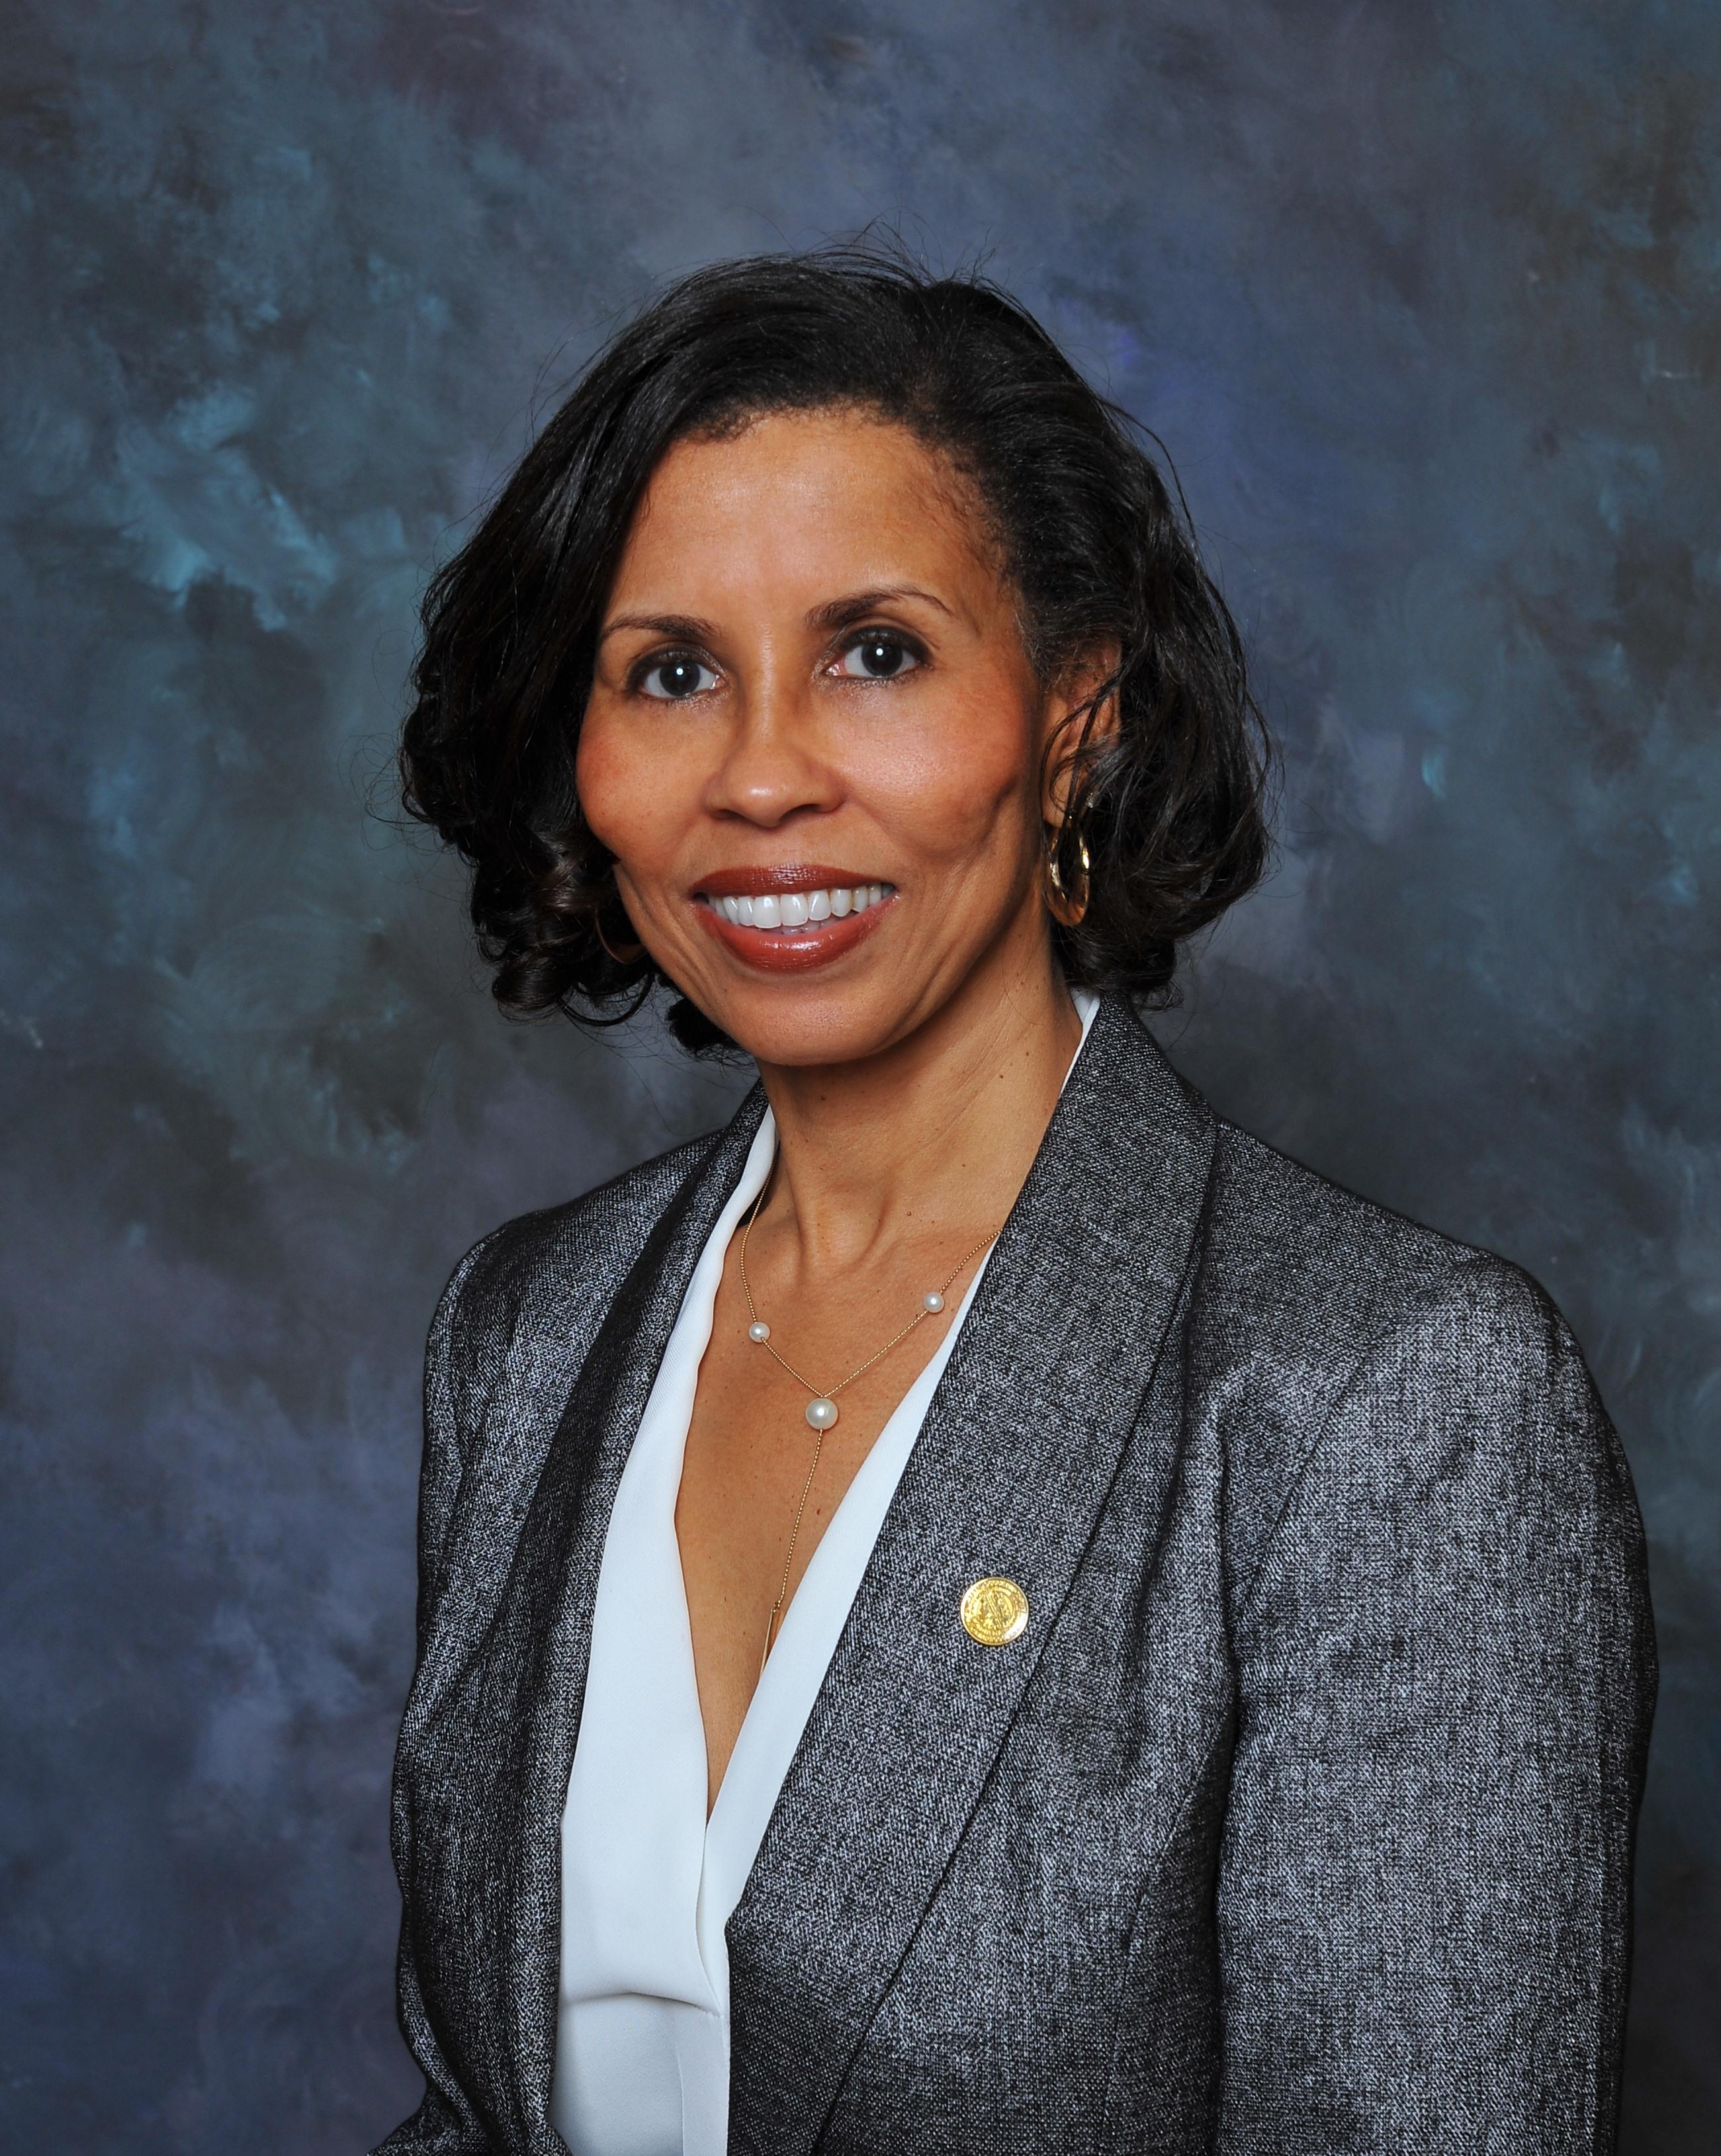 Diana Lewis Jackson